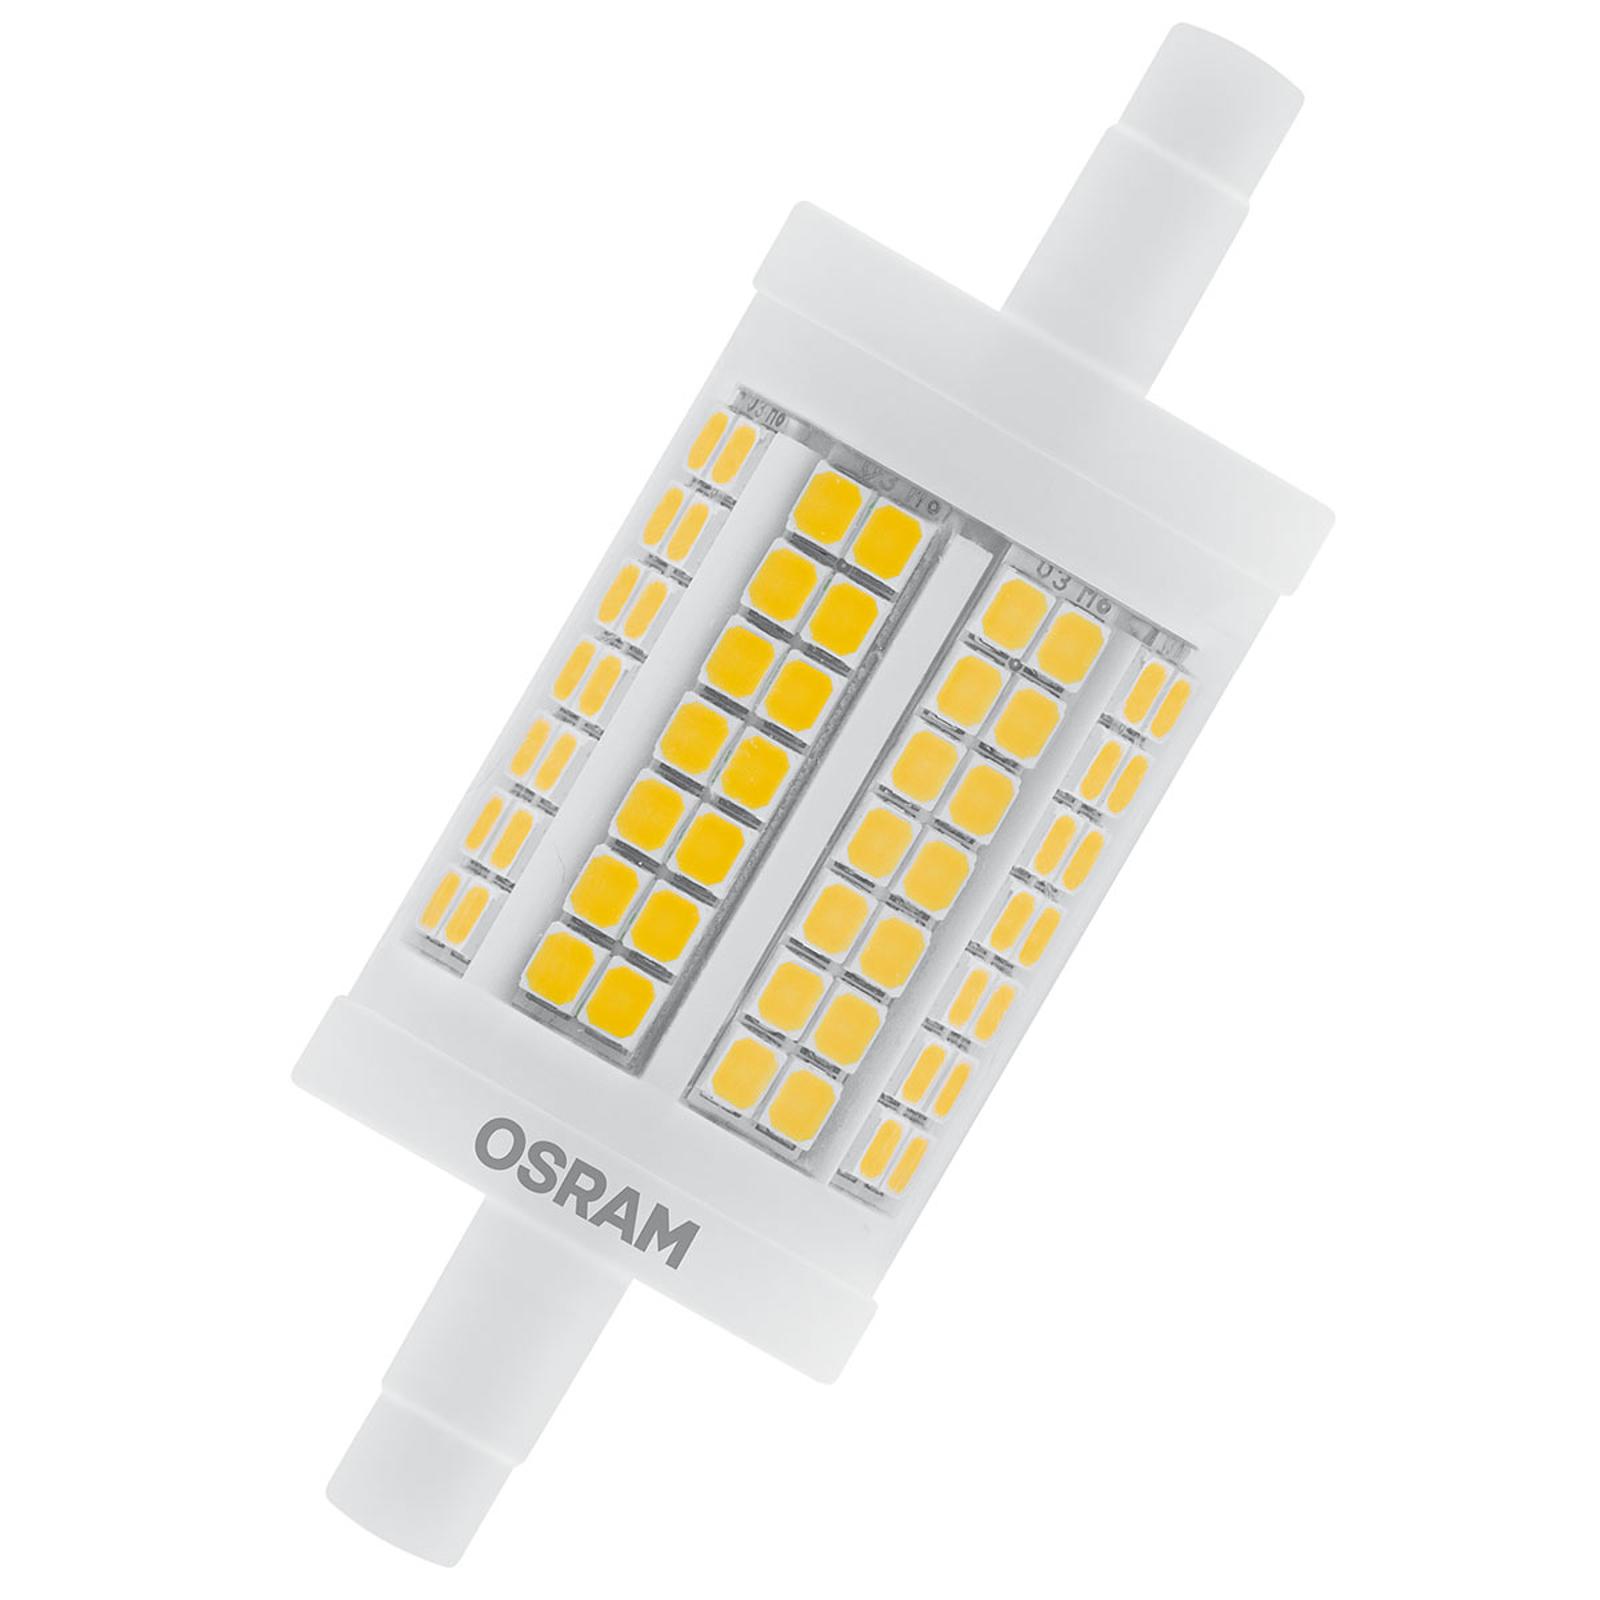 OSRAM LED-Stablampe R7s 11,5W warmweiß, 1.521 lm